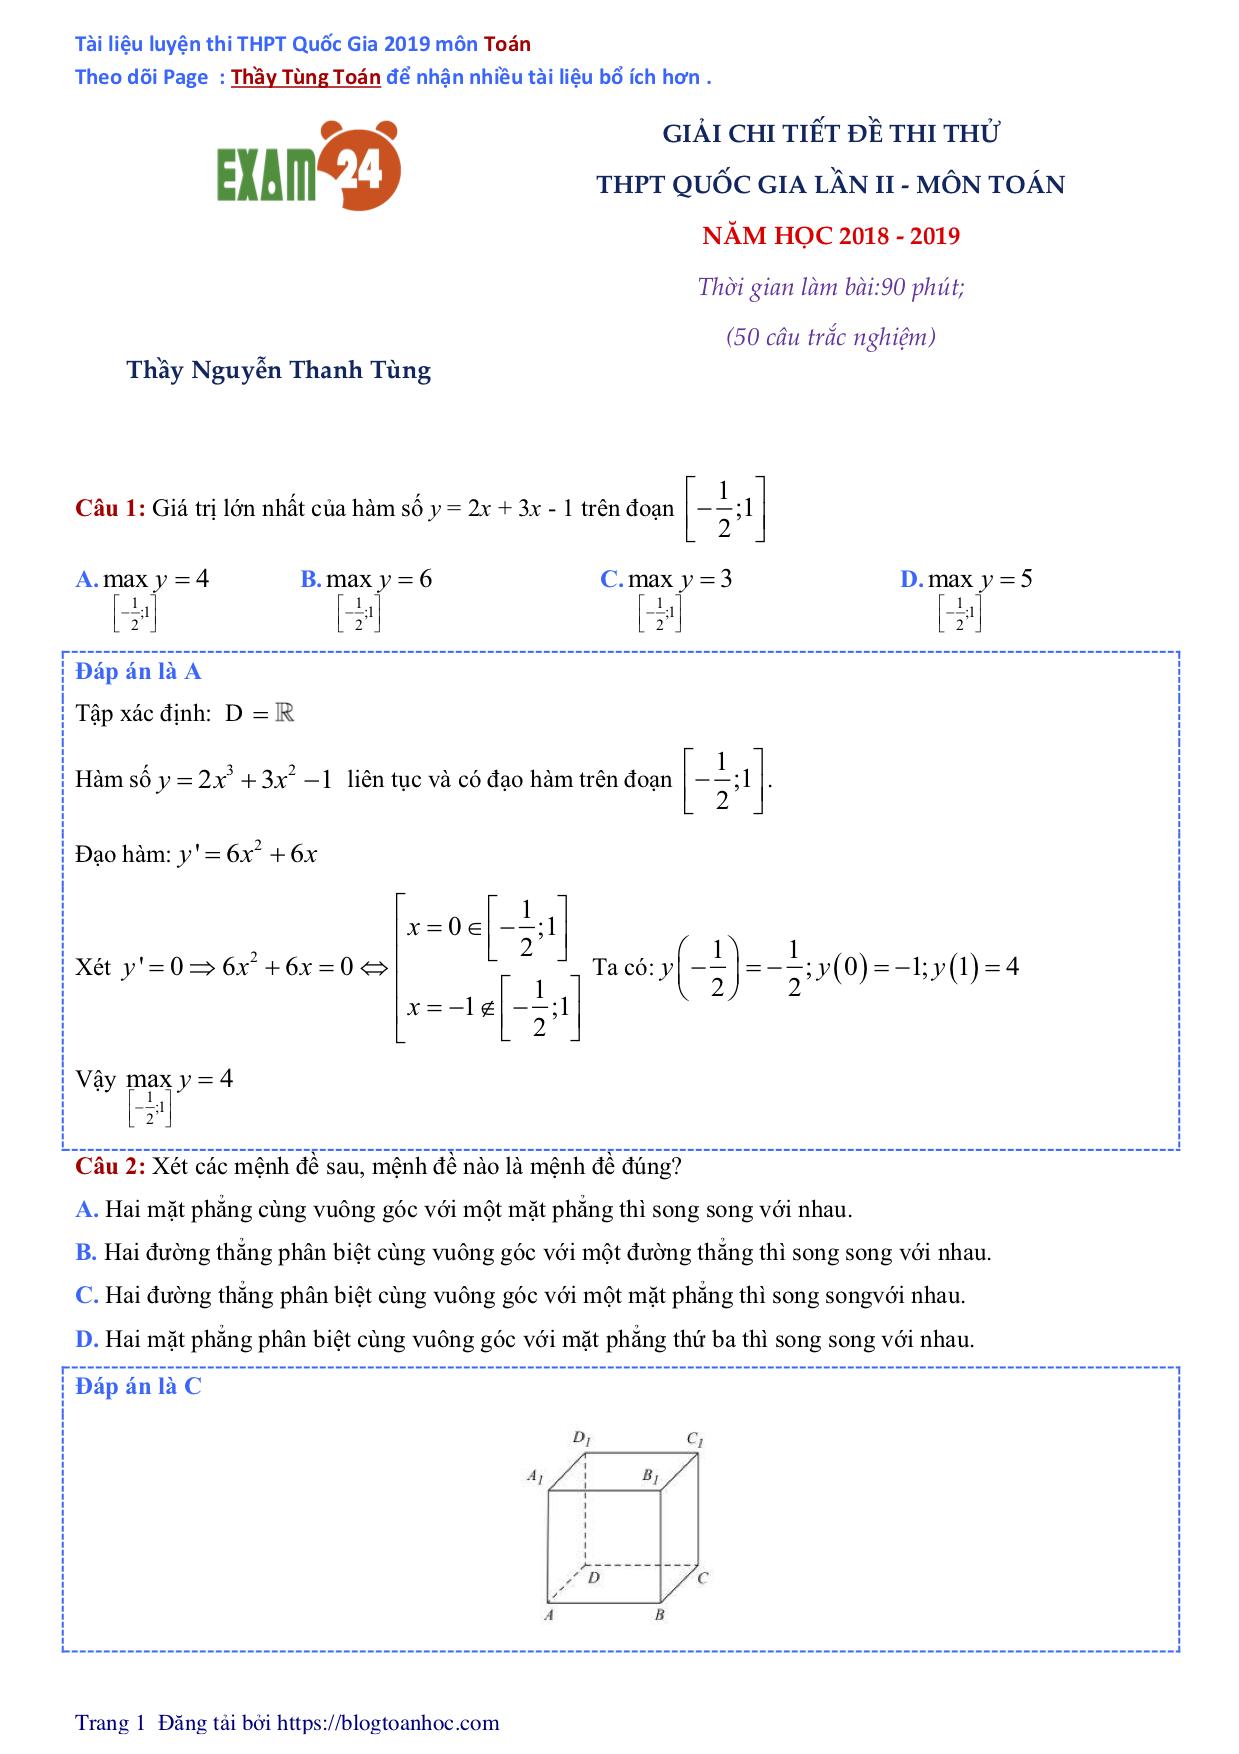 GIẢI CHI TIẾT Đề thi thử 2019 môn Toán - Thầy Nguyễn Thanh Tùng - Đề Pen số 2